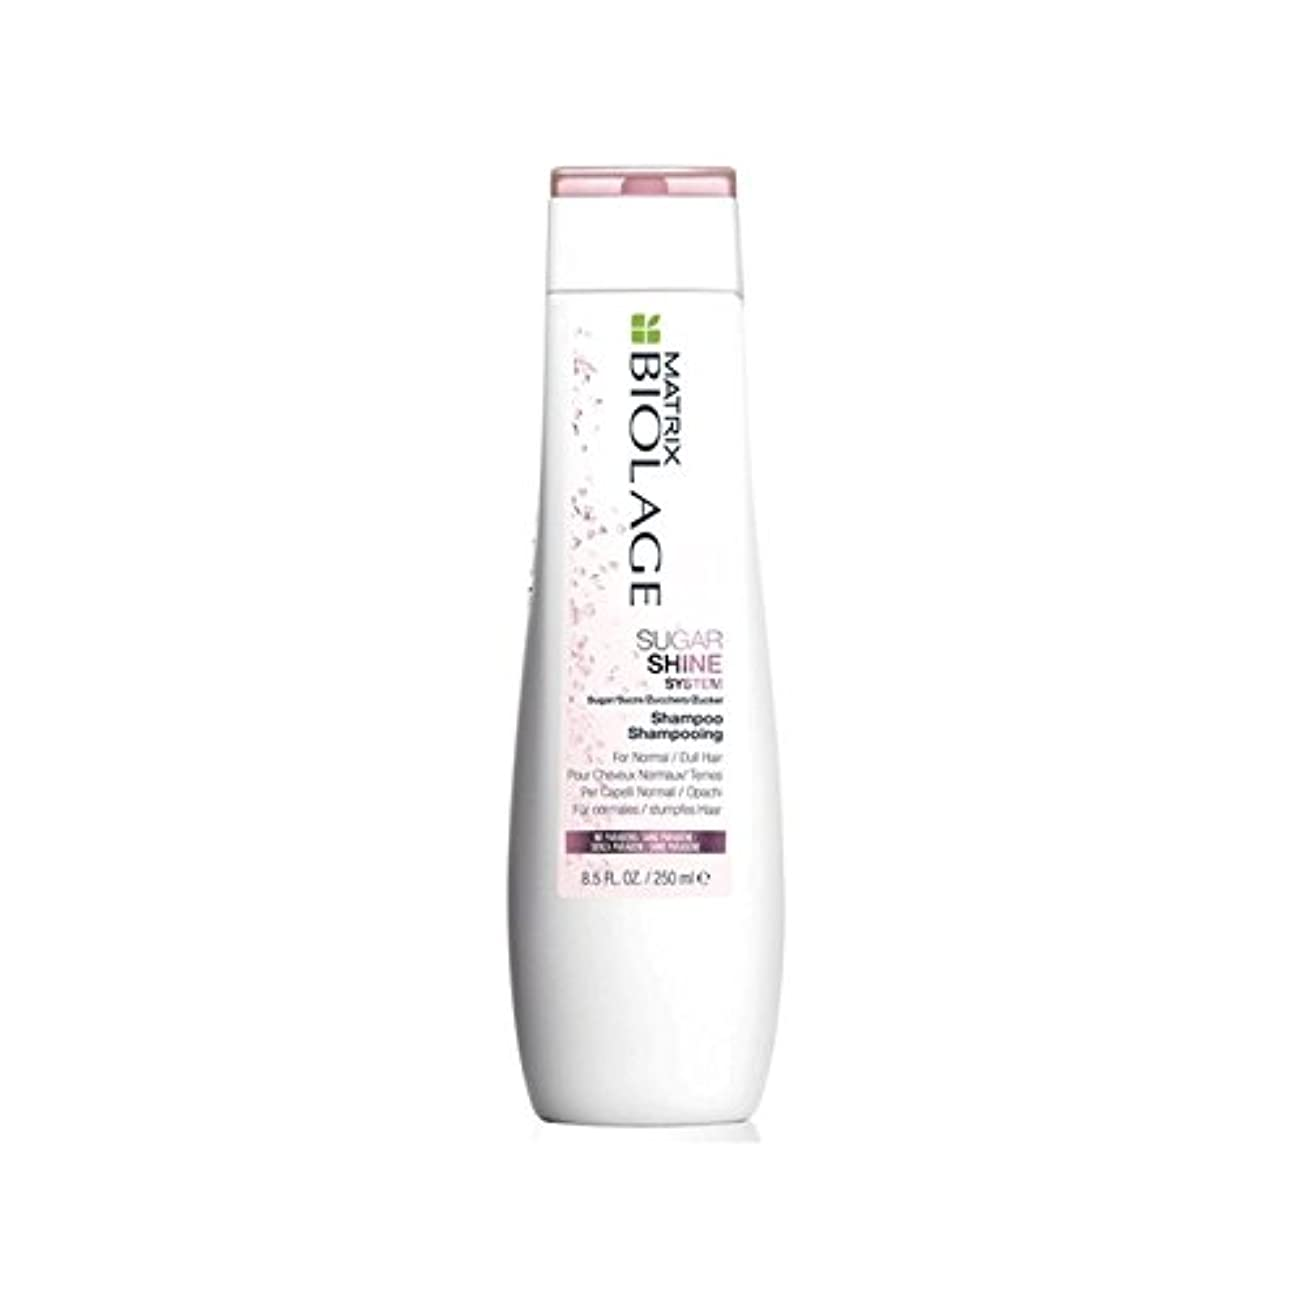 時間累積病マトリックスバイオレイジのシャンプー(250ミリリットル) x2 - Matrix Biolage Sugarshine Shampoo (250ml) (Pack of 2) [並行輸入品]